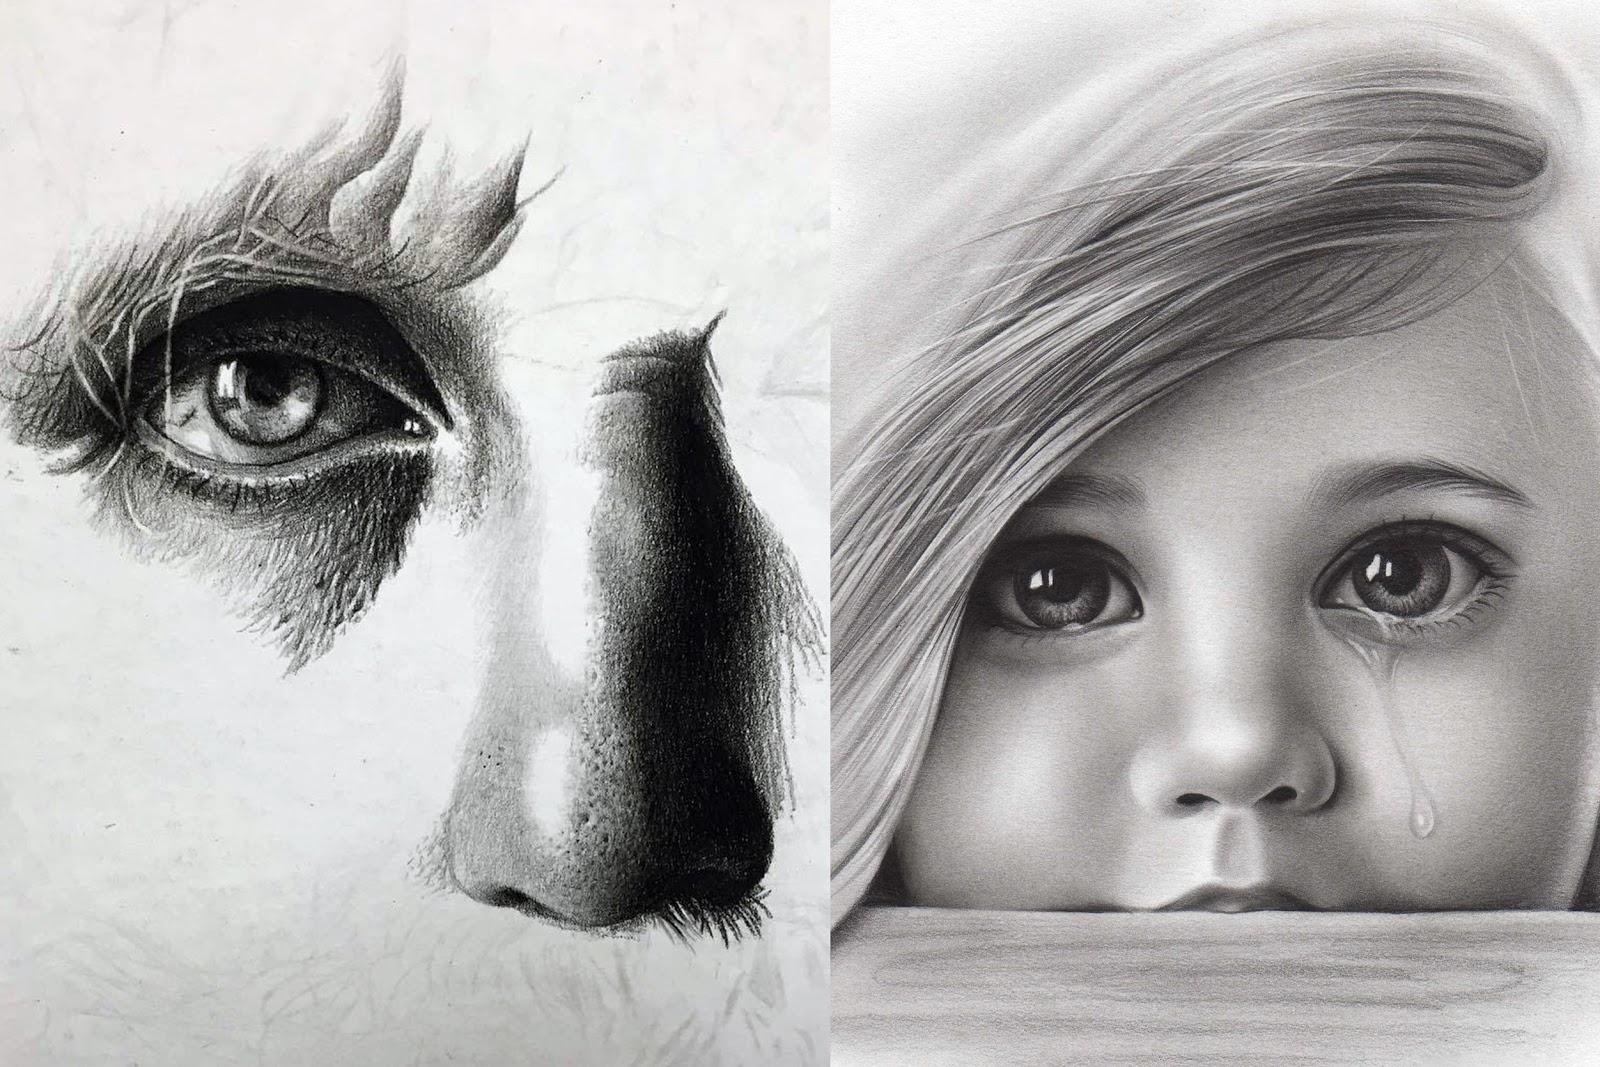 Como Fazer Textura De Pele No Desenho Realista